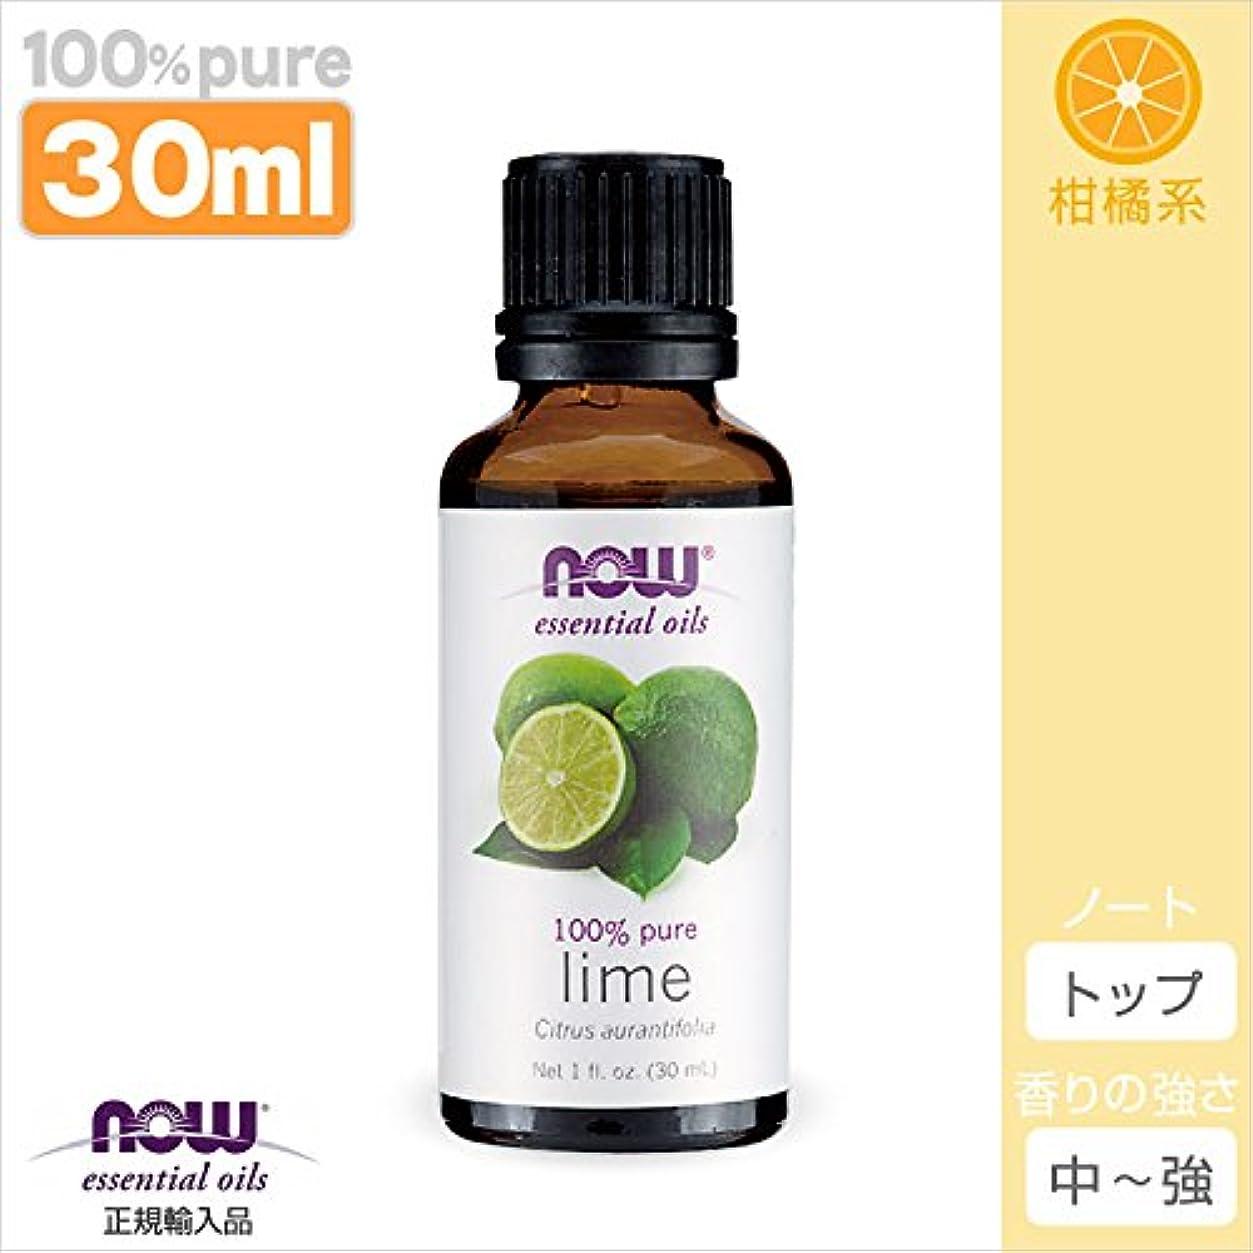 ほこりキャッシュ人気のライム精油[30ml] 【正規輸入品】 NOWエッセンシャルオイル(アロマオイル)